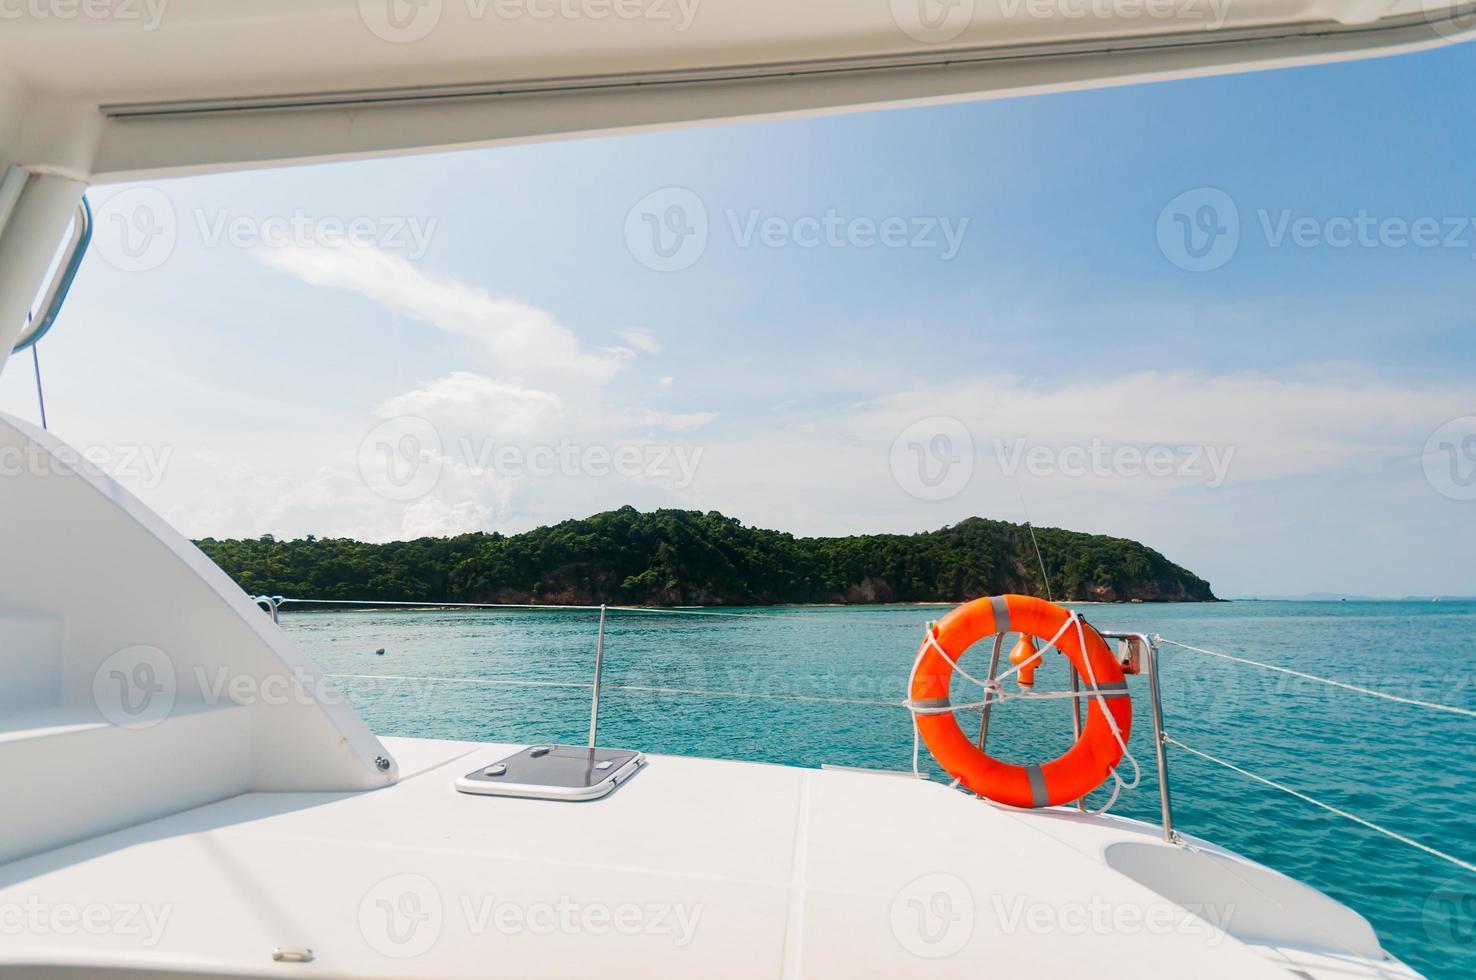 privat katamaranbåt som flyter nära ön. lyxig livsstil foto